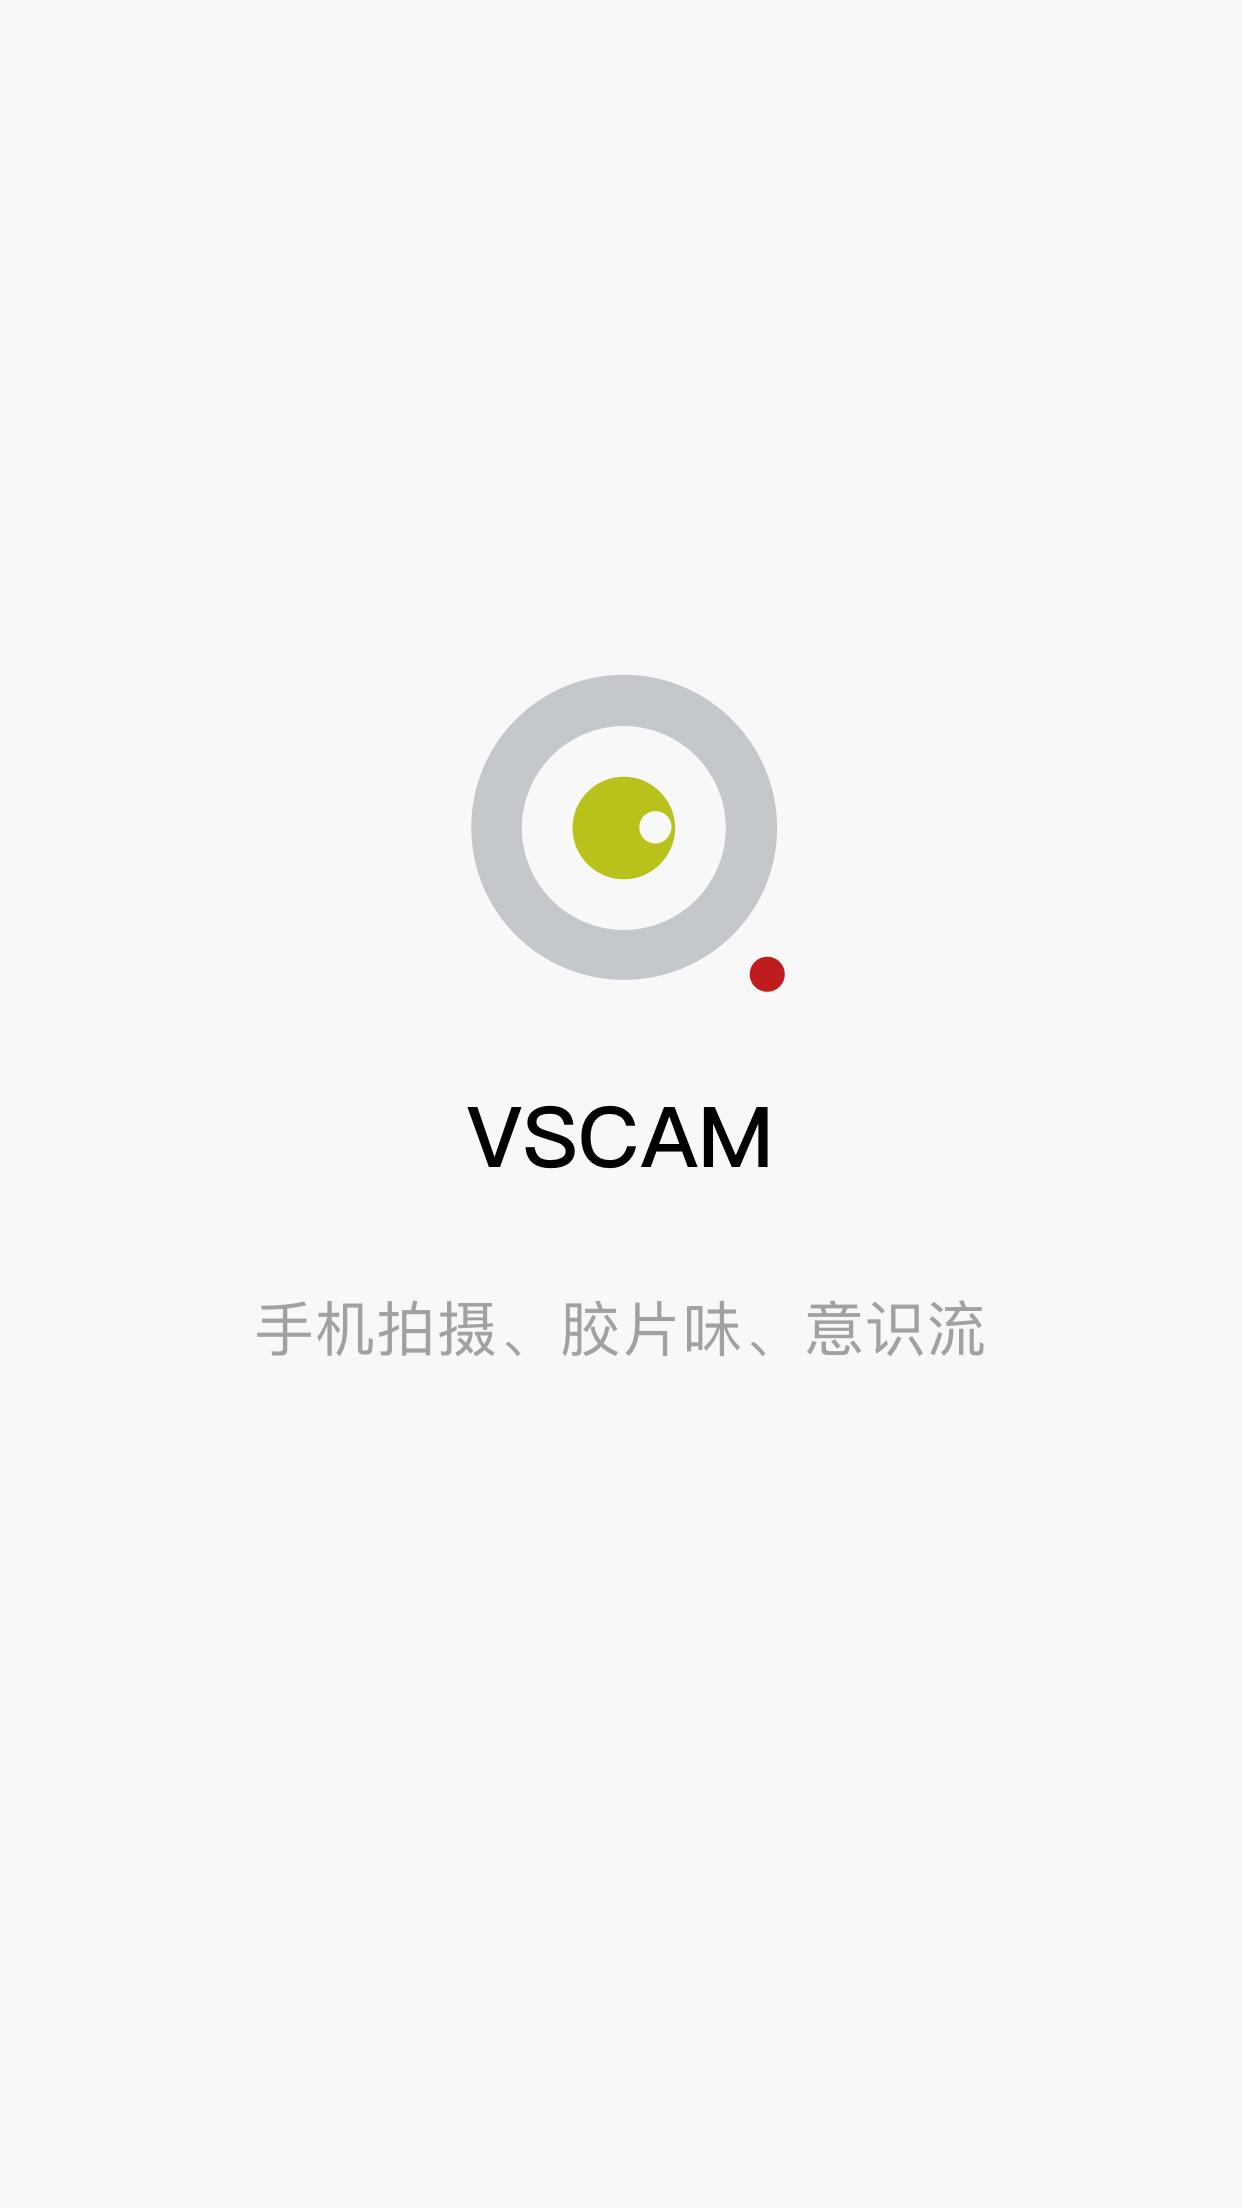 Swift极简主义图片分享应用VSCAM